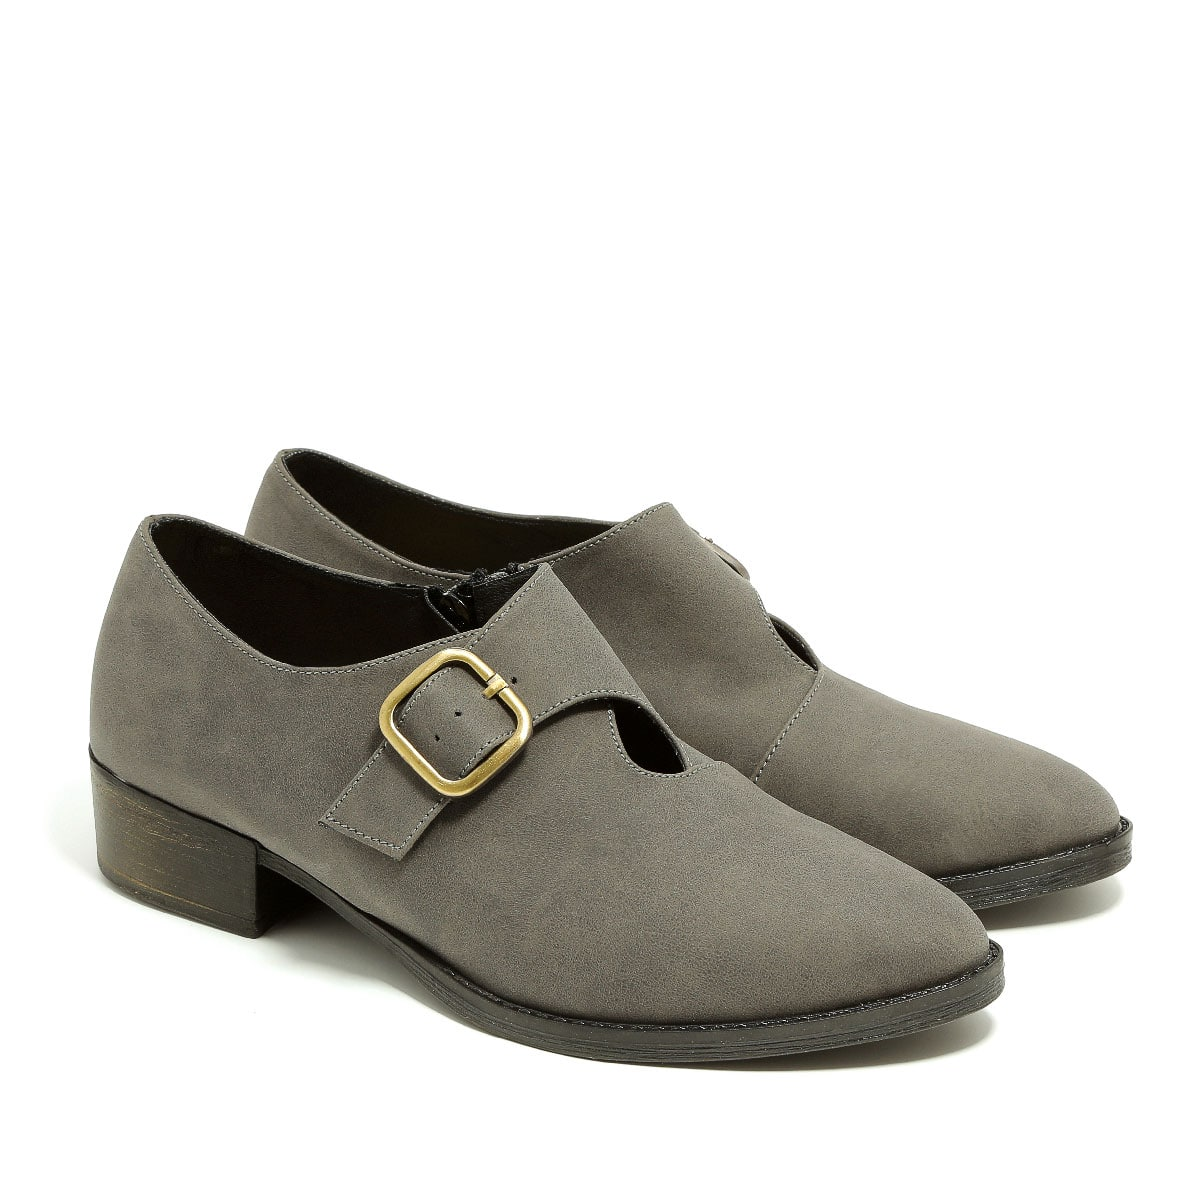 דגם האלי: נעלי מוקסין טבעוניות לנשים